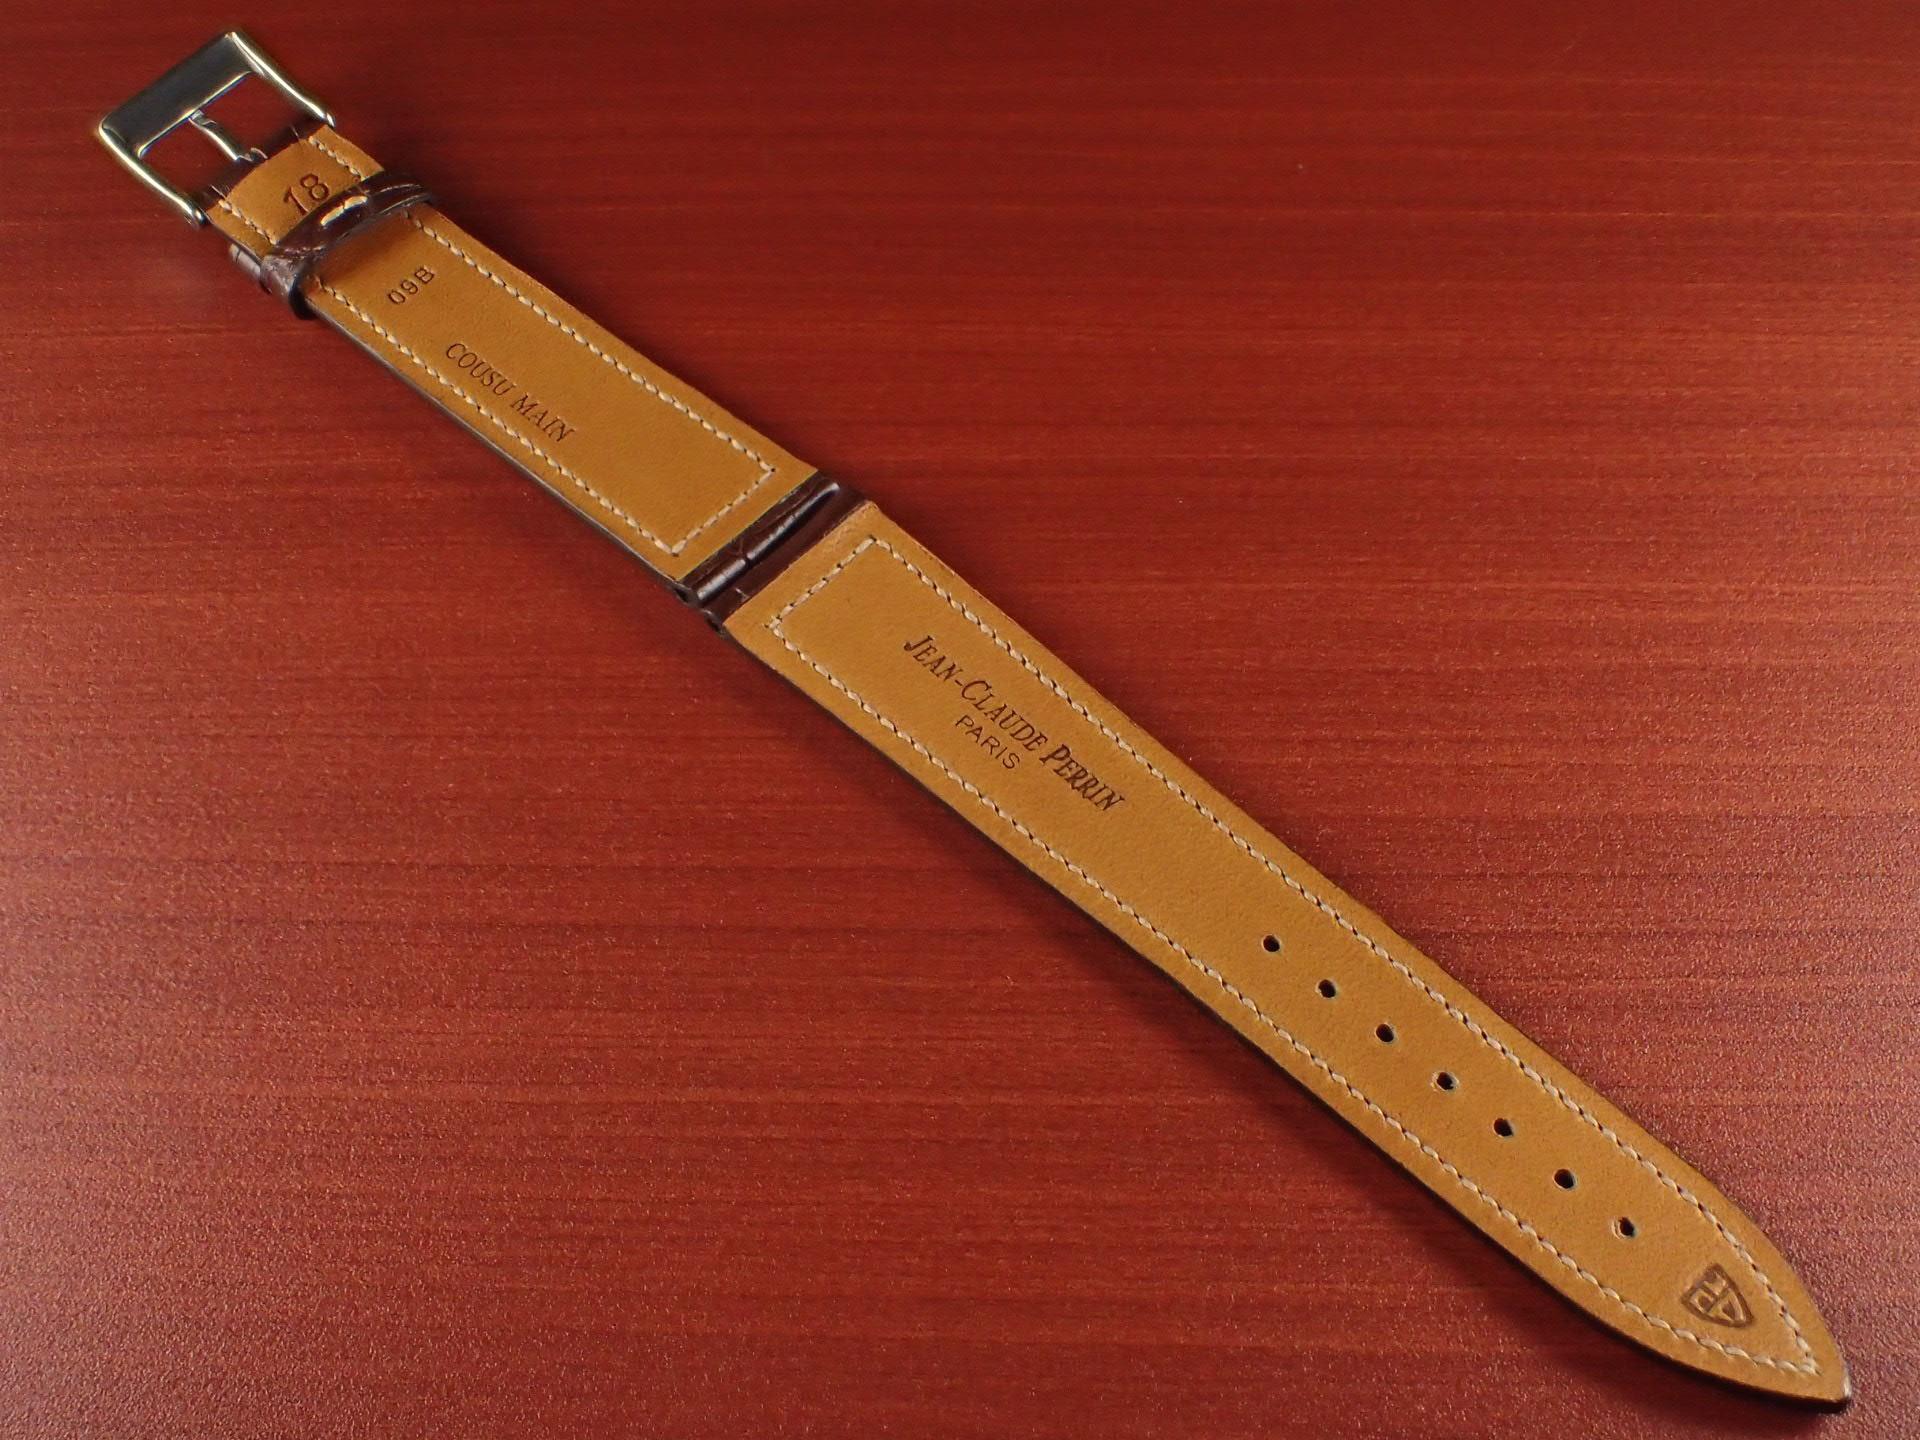 ジャン・クロード ペラン革ベルト クロコダイル ダークブラウン 18mmの写真2枚目